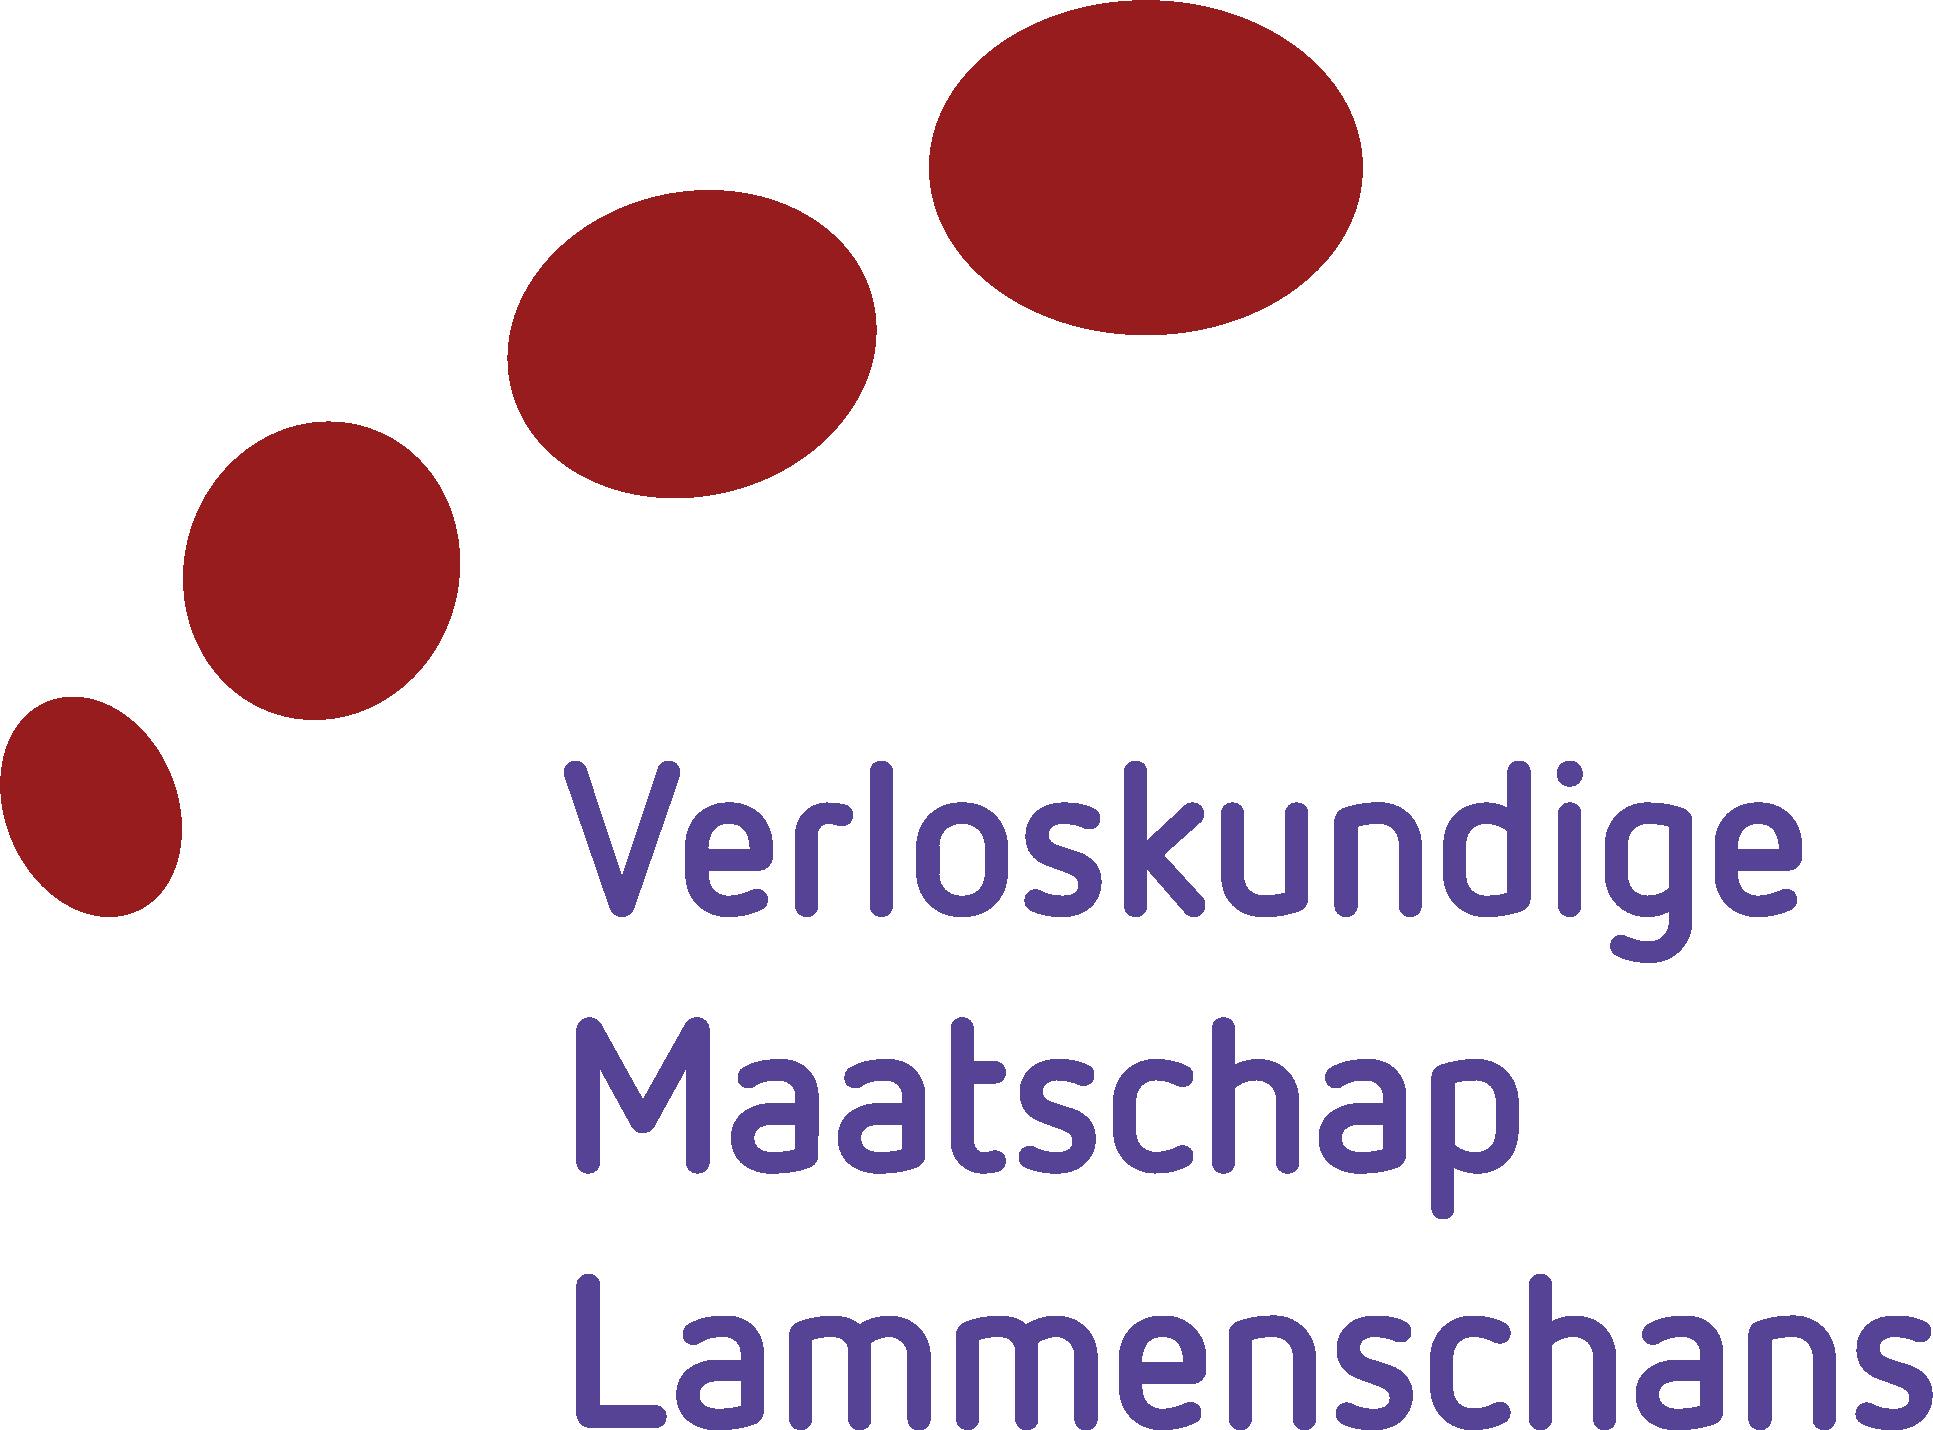 Verloskundige Maatschap Lammenschans